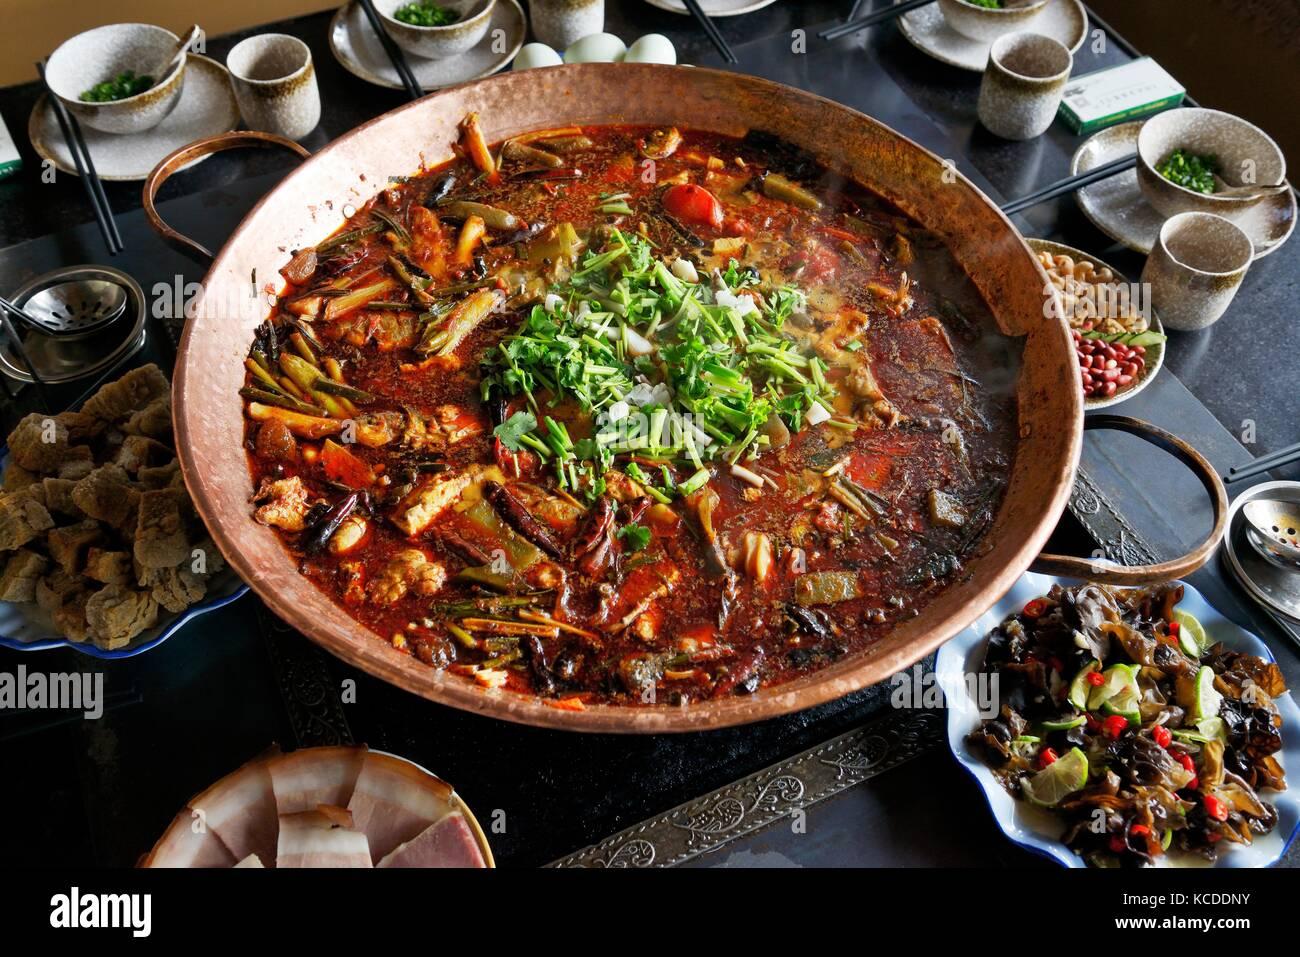 La cuisine chinoise traditionnelle. La province de Yunnan hotpot. poisson traditionnel typique aux légumes du groupe ethnique naxi people sur lashi Lake Shore, Lijiang Banque D'Images